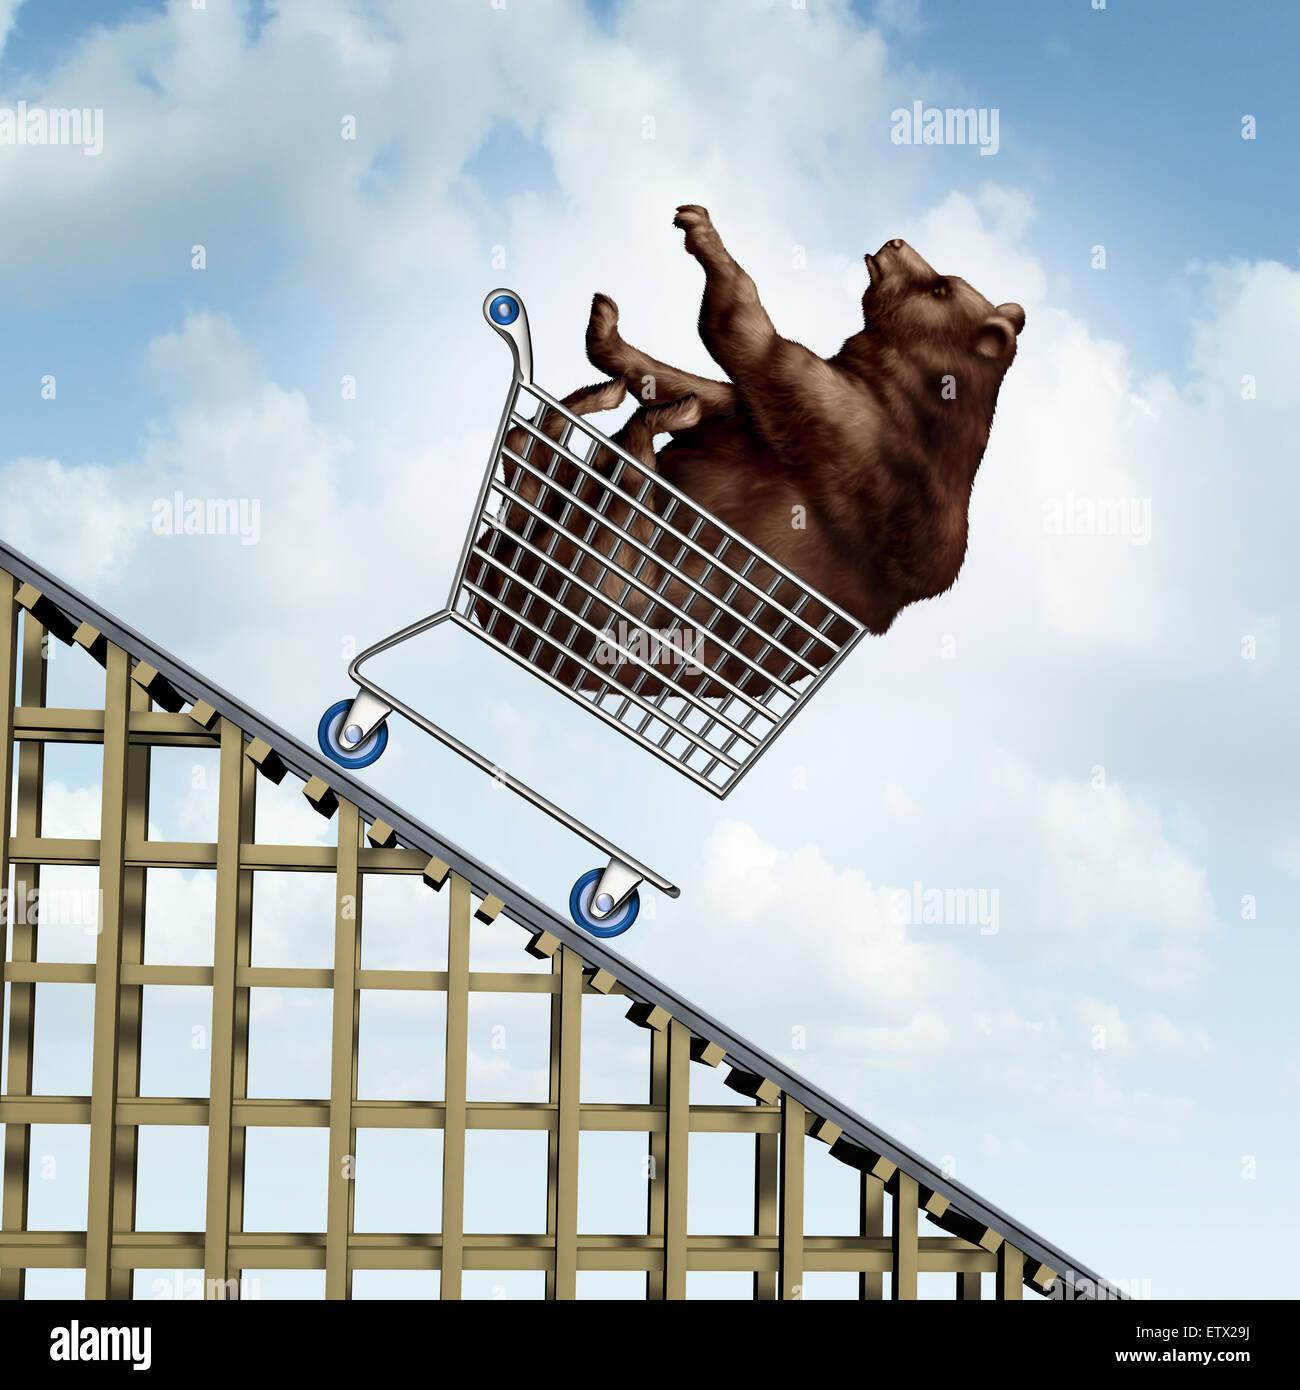 Declino del mercato azionario crisi finanziaria nozione come un orso in un carrello andando verso il basso su un Immagini Stock